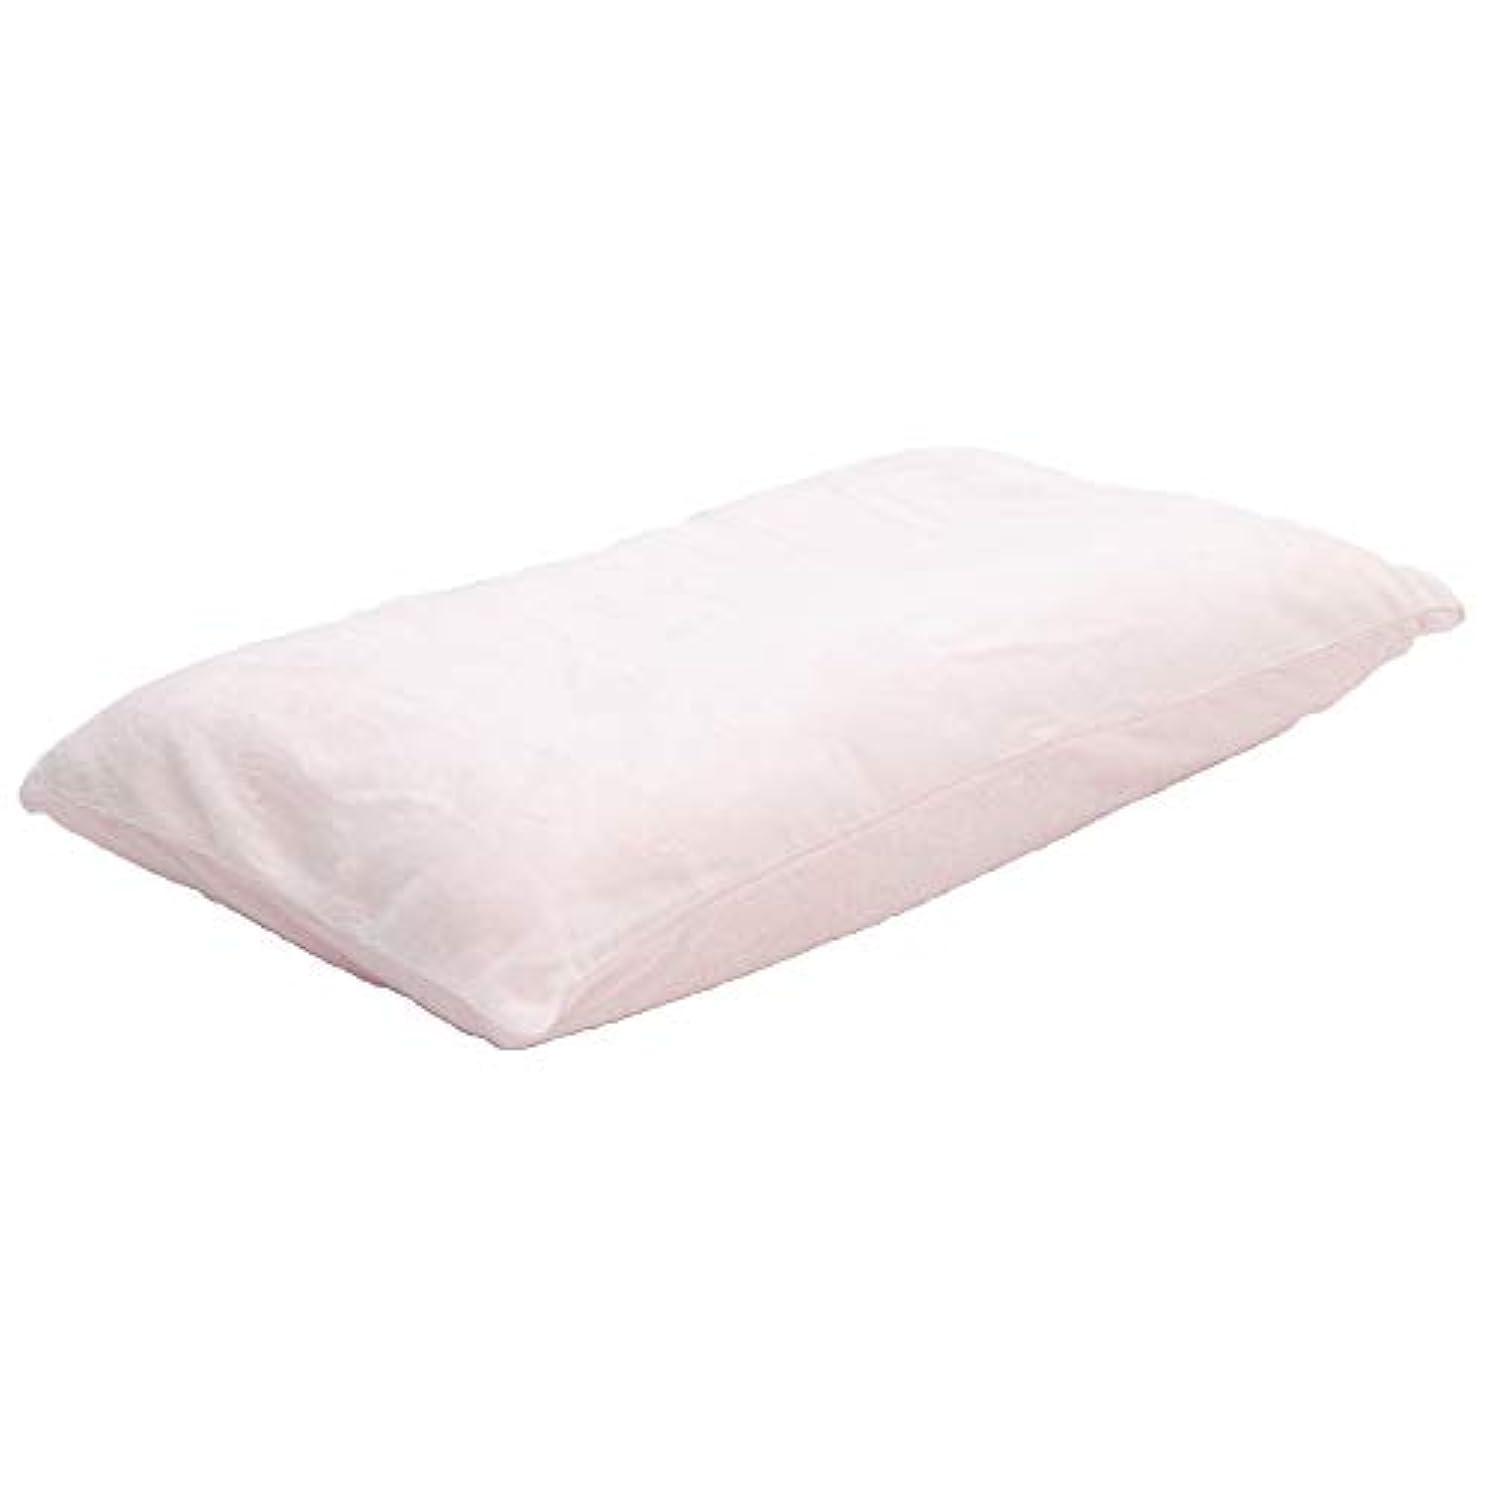 ミシン目傷つきやすいバラバラにするゆったりリッチ 低反発チップリバーシブル枕 ワイドサイズ 専用洗えるカバー付き 2人で使える ロング 大きい 夫婦 ファミリー 抱き枕 ゆったり 40X70cm PK